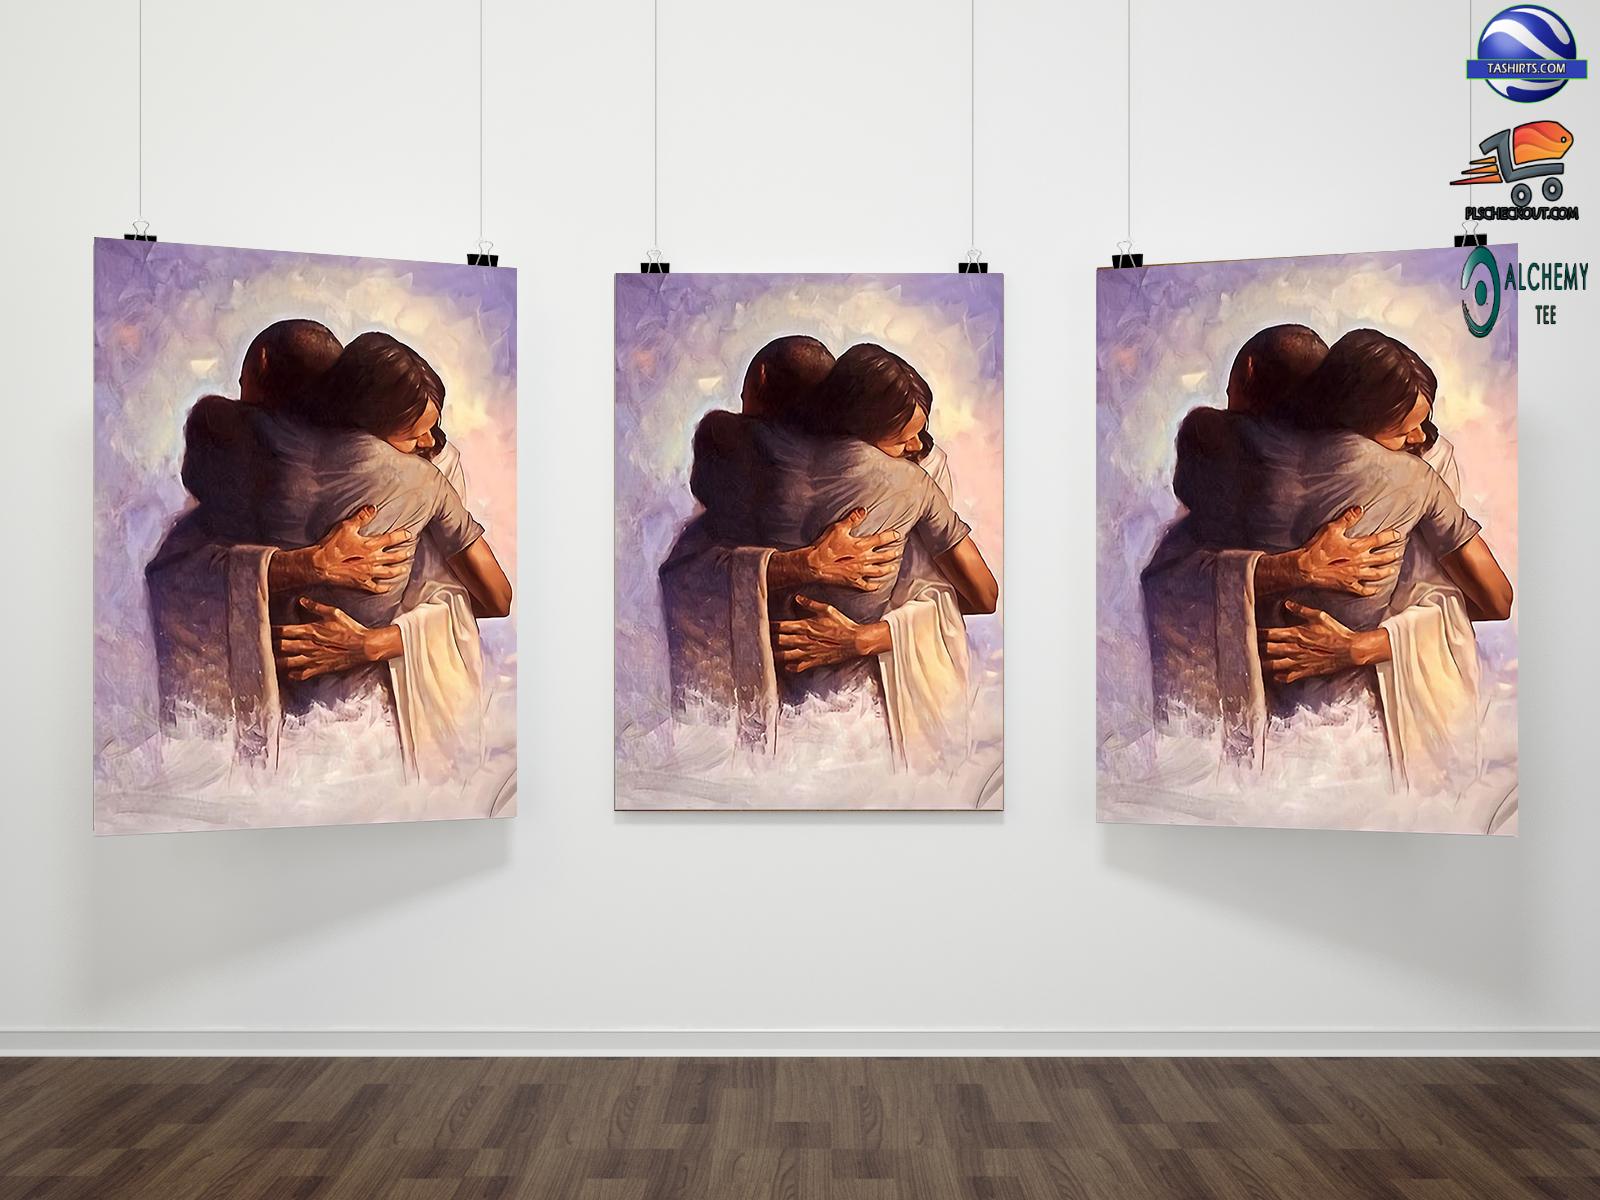 Jesus Christ Welcome Home Hug Poster